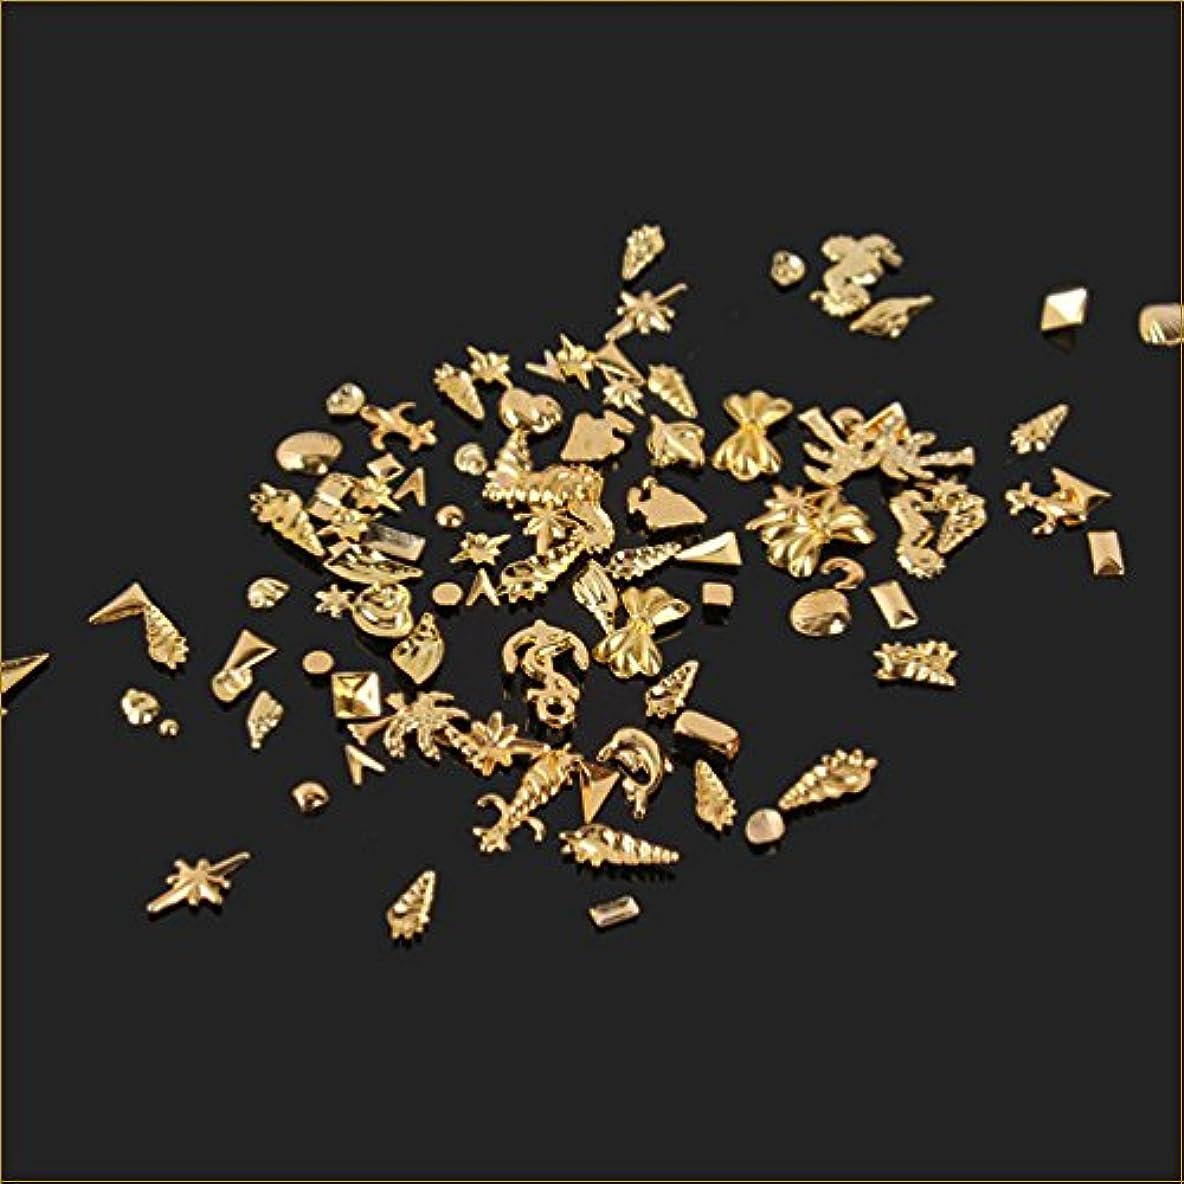 所属指定画面ネイルパーツ シェルパーツ ネイルアートパーツ 貝海系 100個入りサマーゴールド スタッズ ジェルネイル